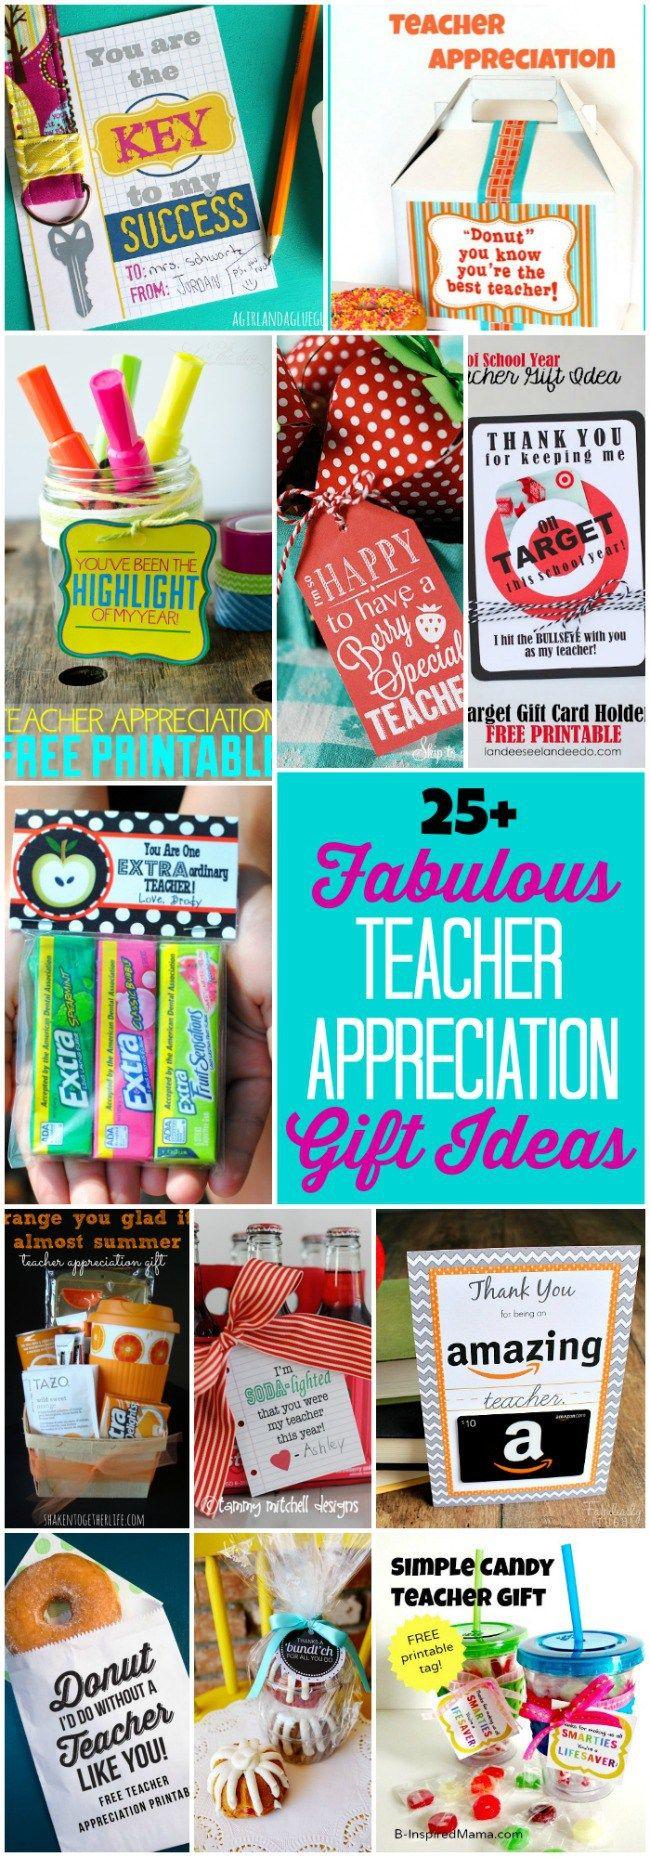 Over 25 fabulous teacher appreciation gift ideas that teachers will LOVE!